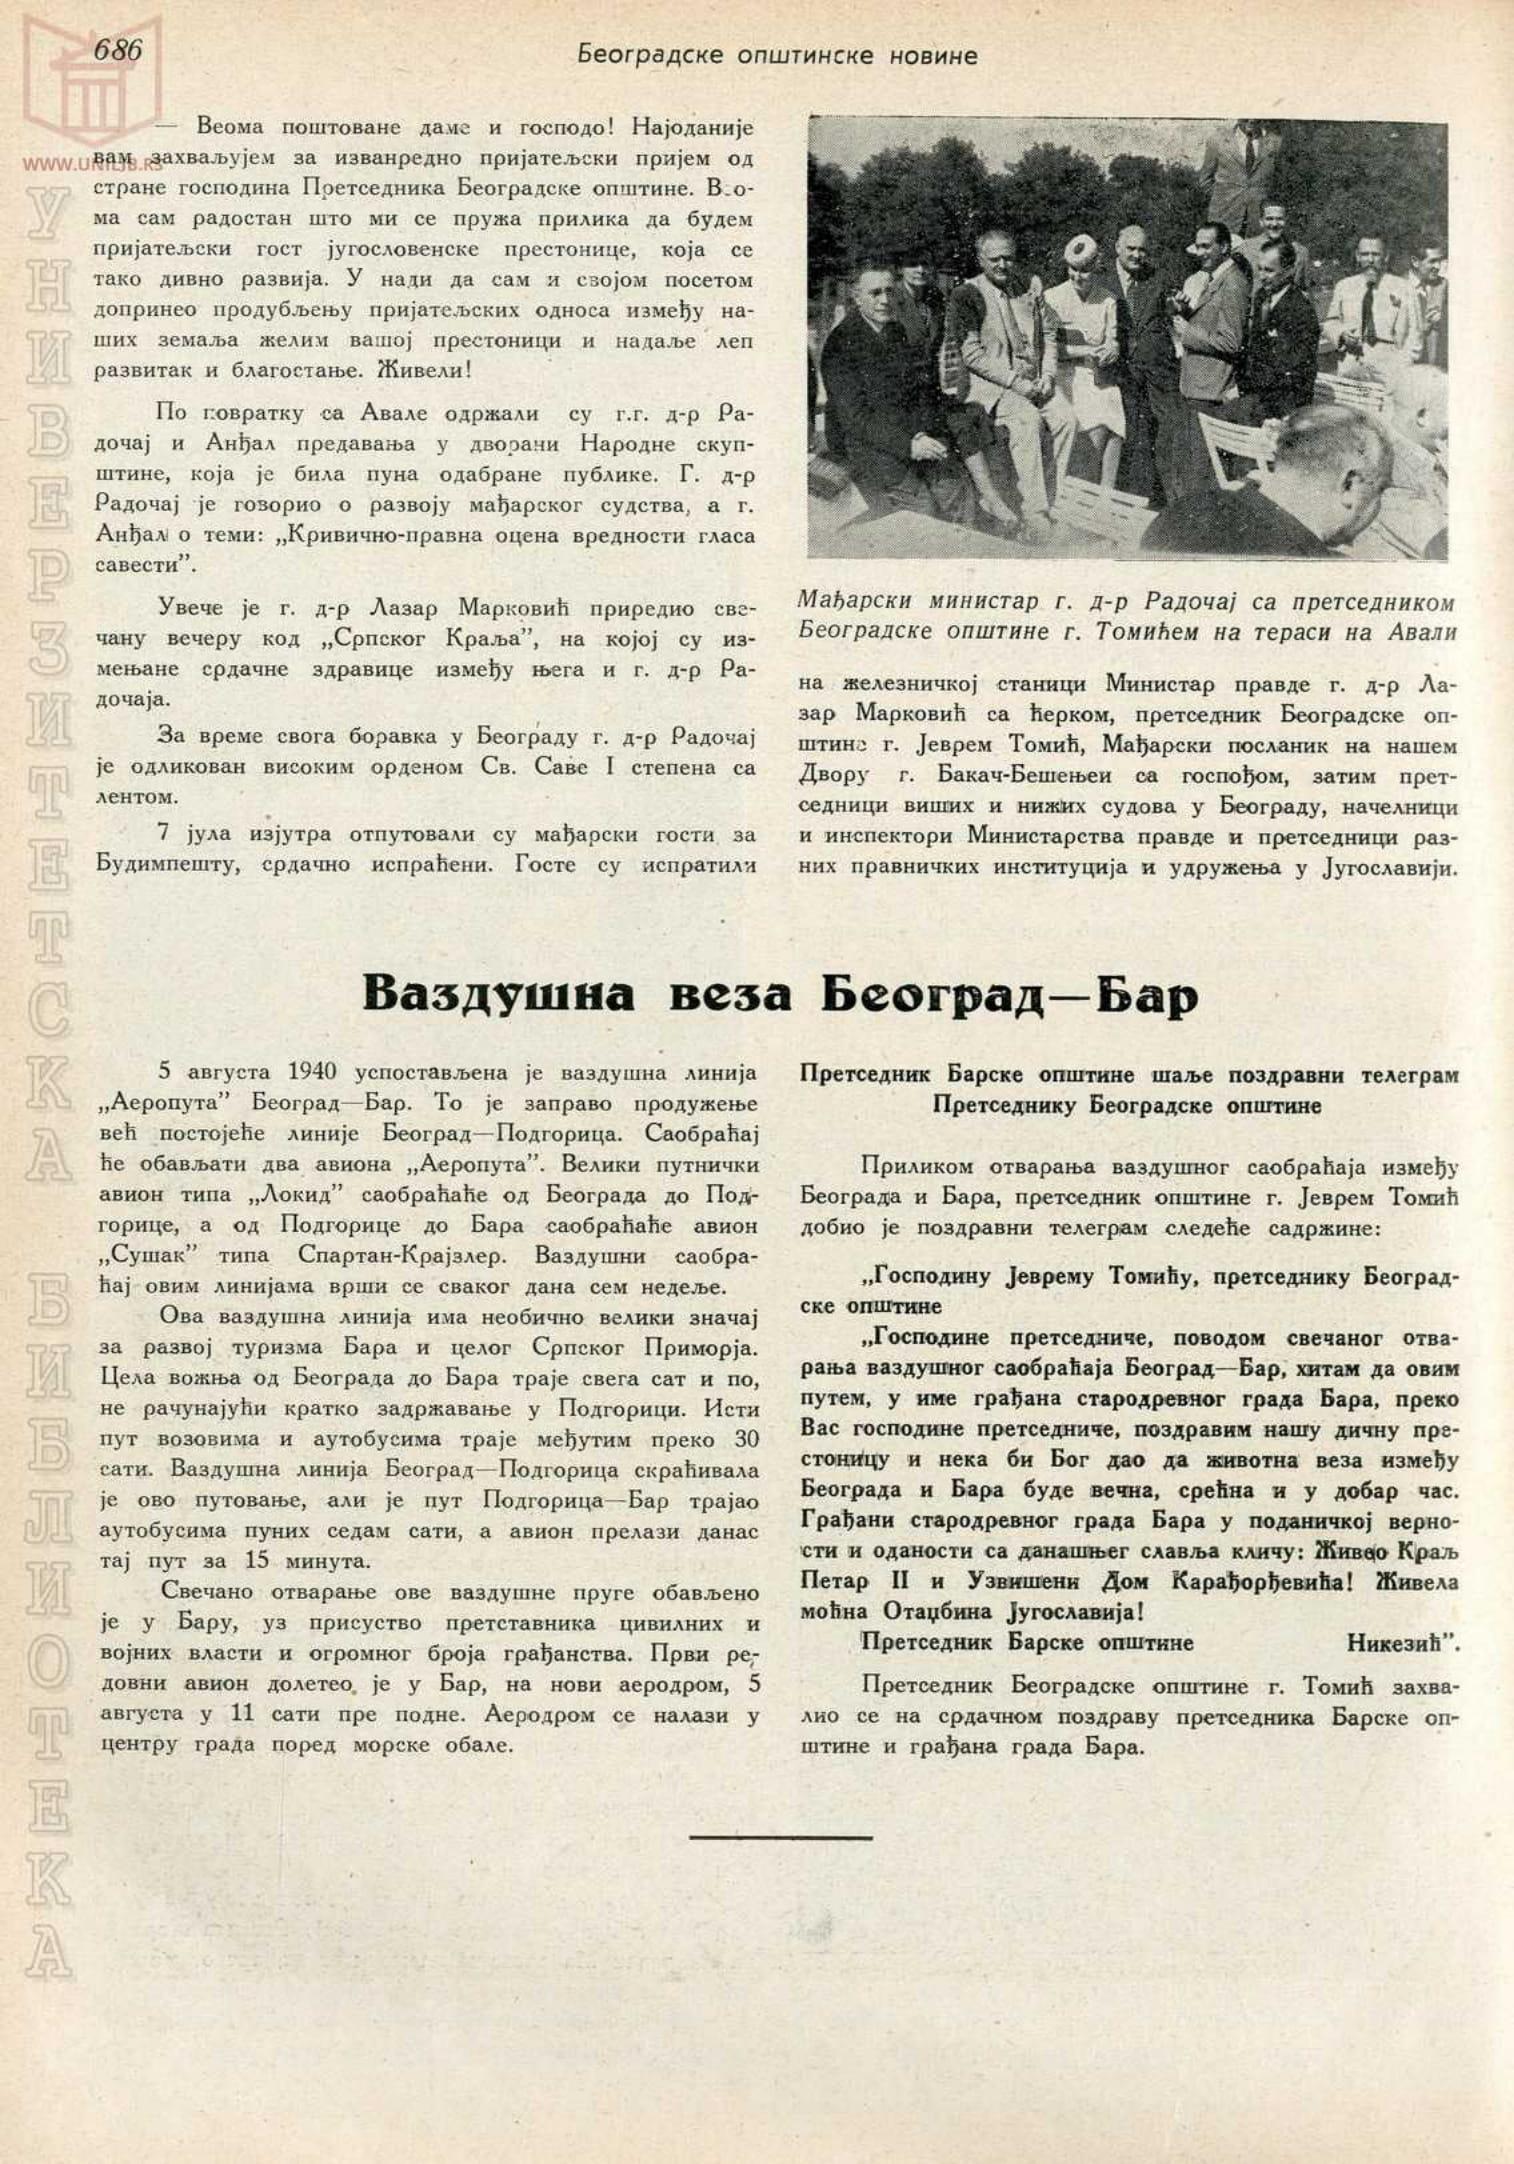 Beogradske opštinske novine 01.07.1940 p66-1